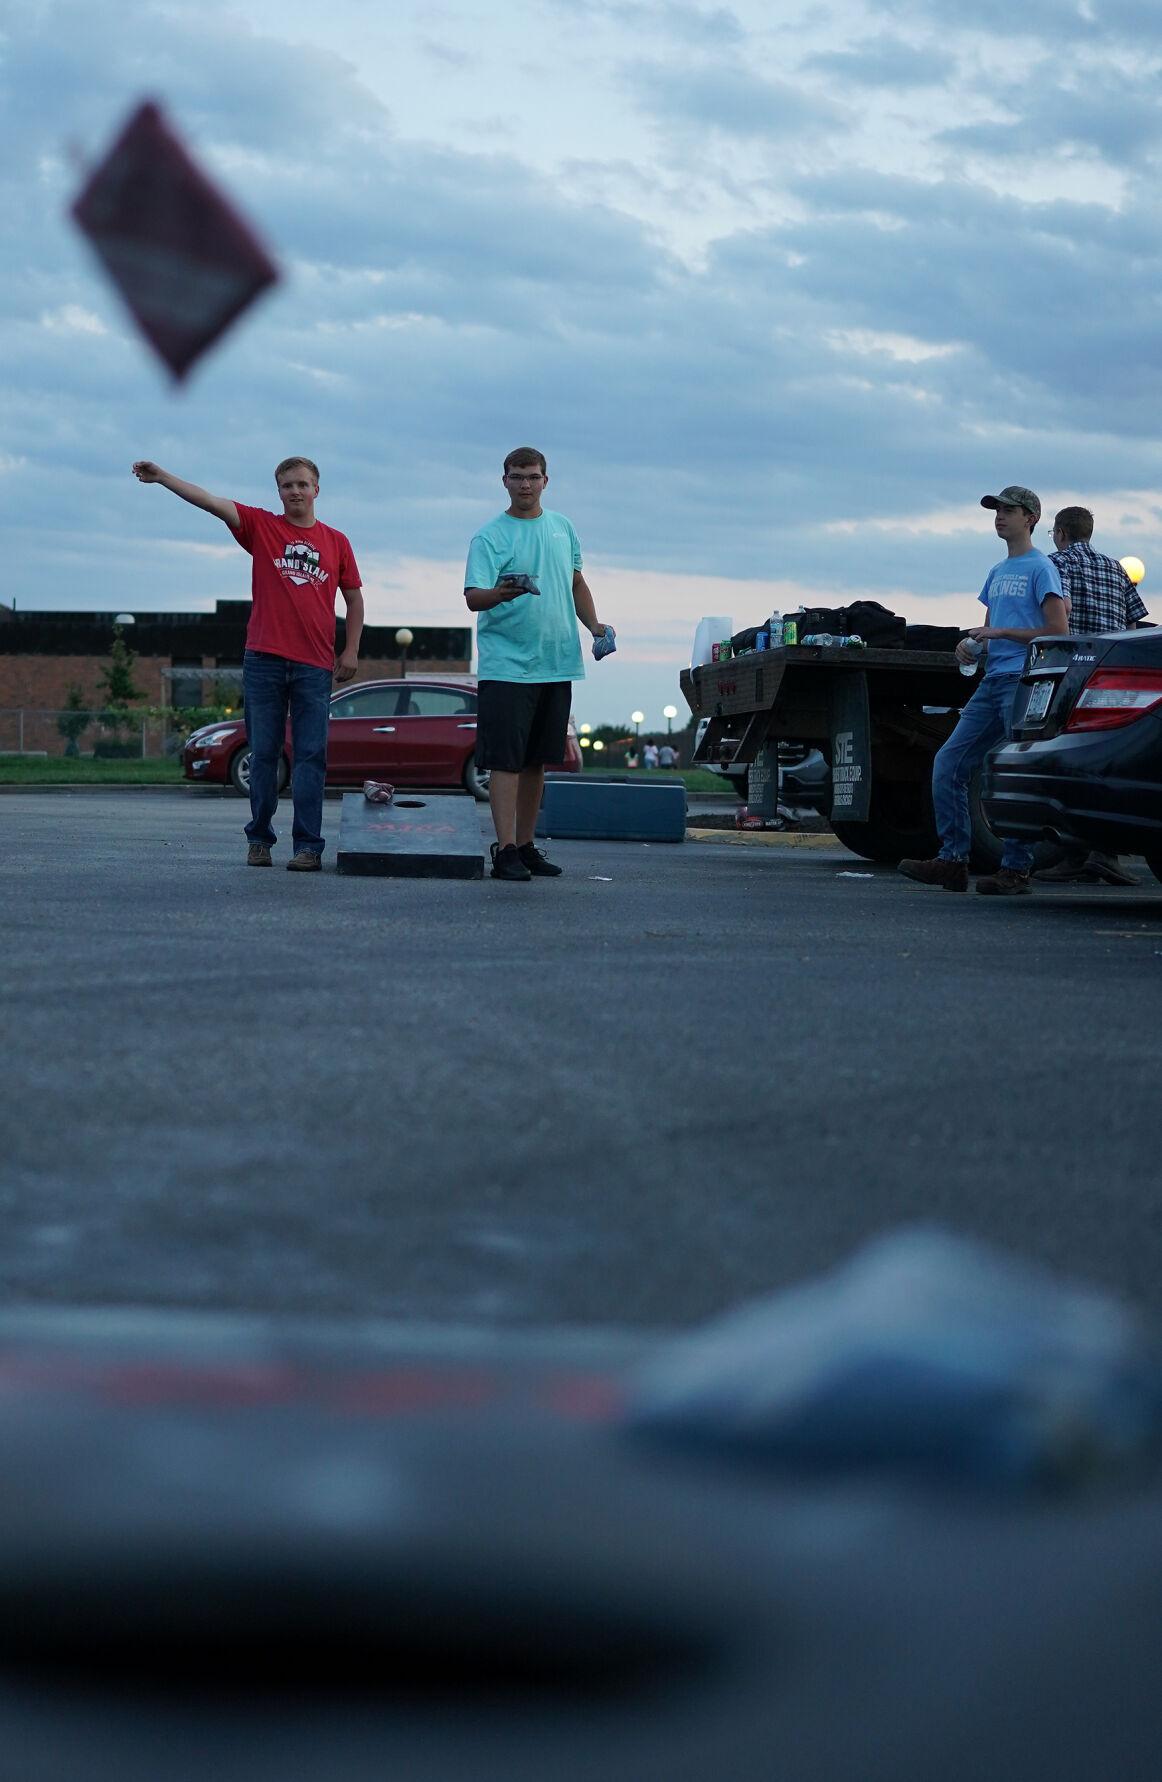 Ethan Vanderwert, left, and Braeden Anderson toss bean